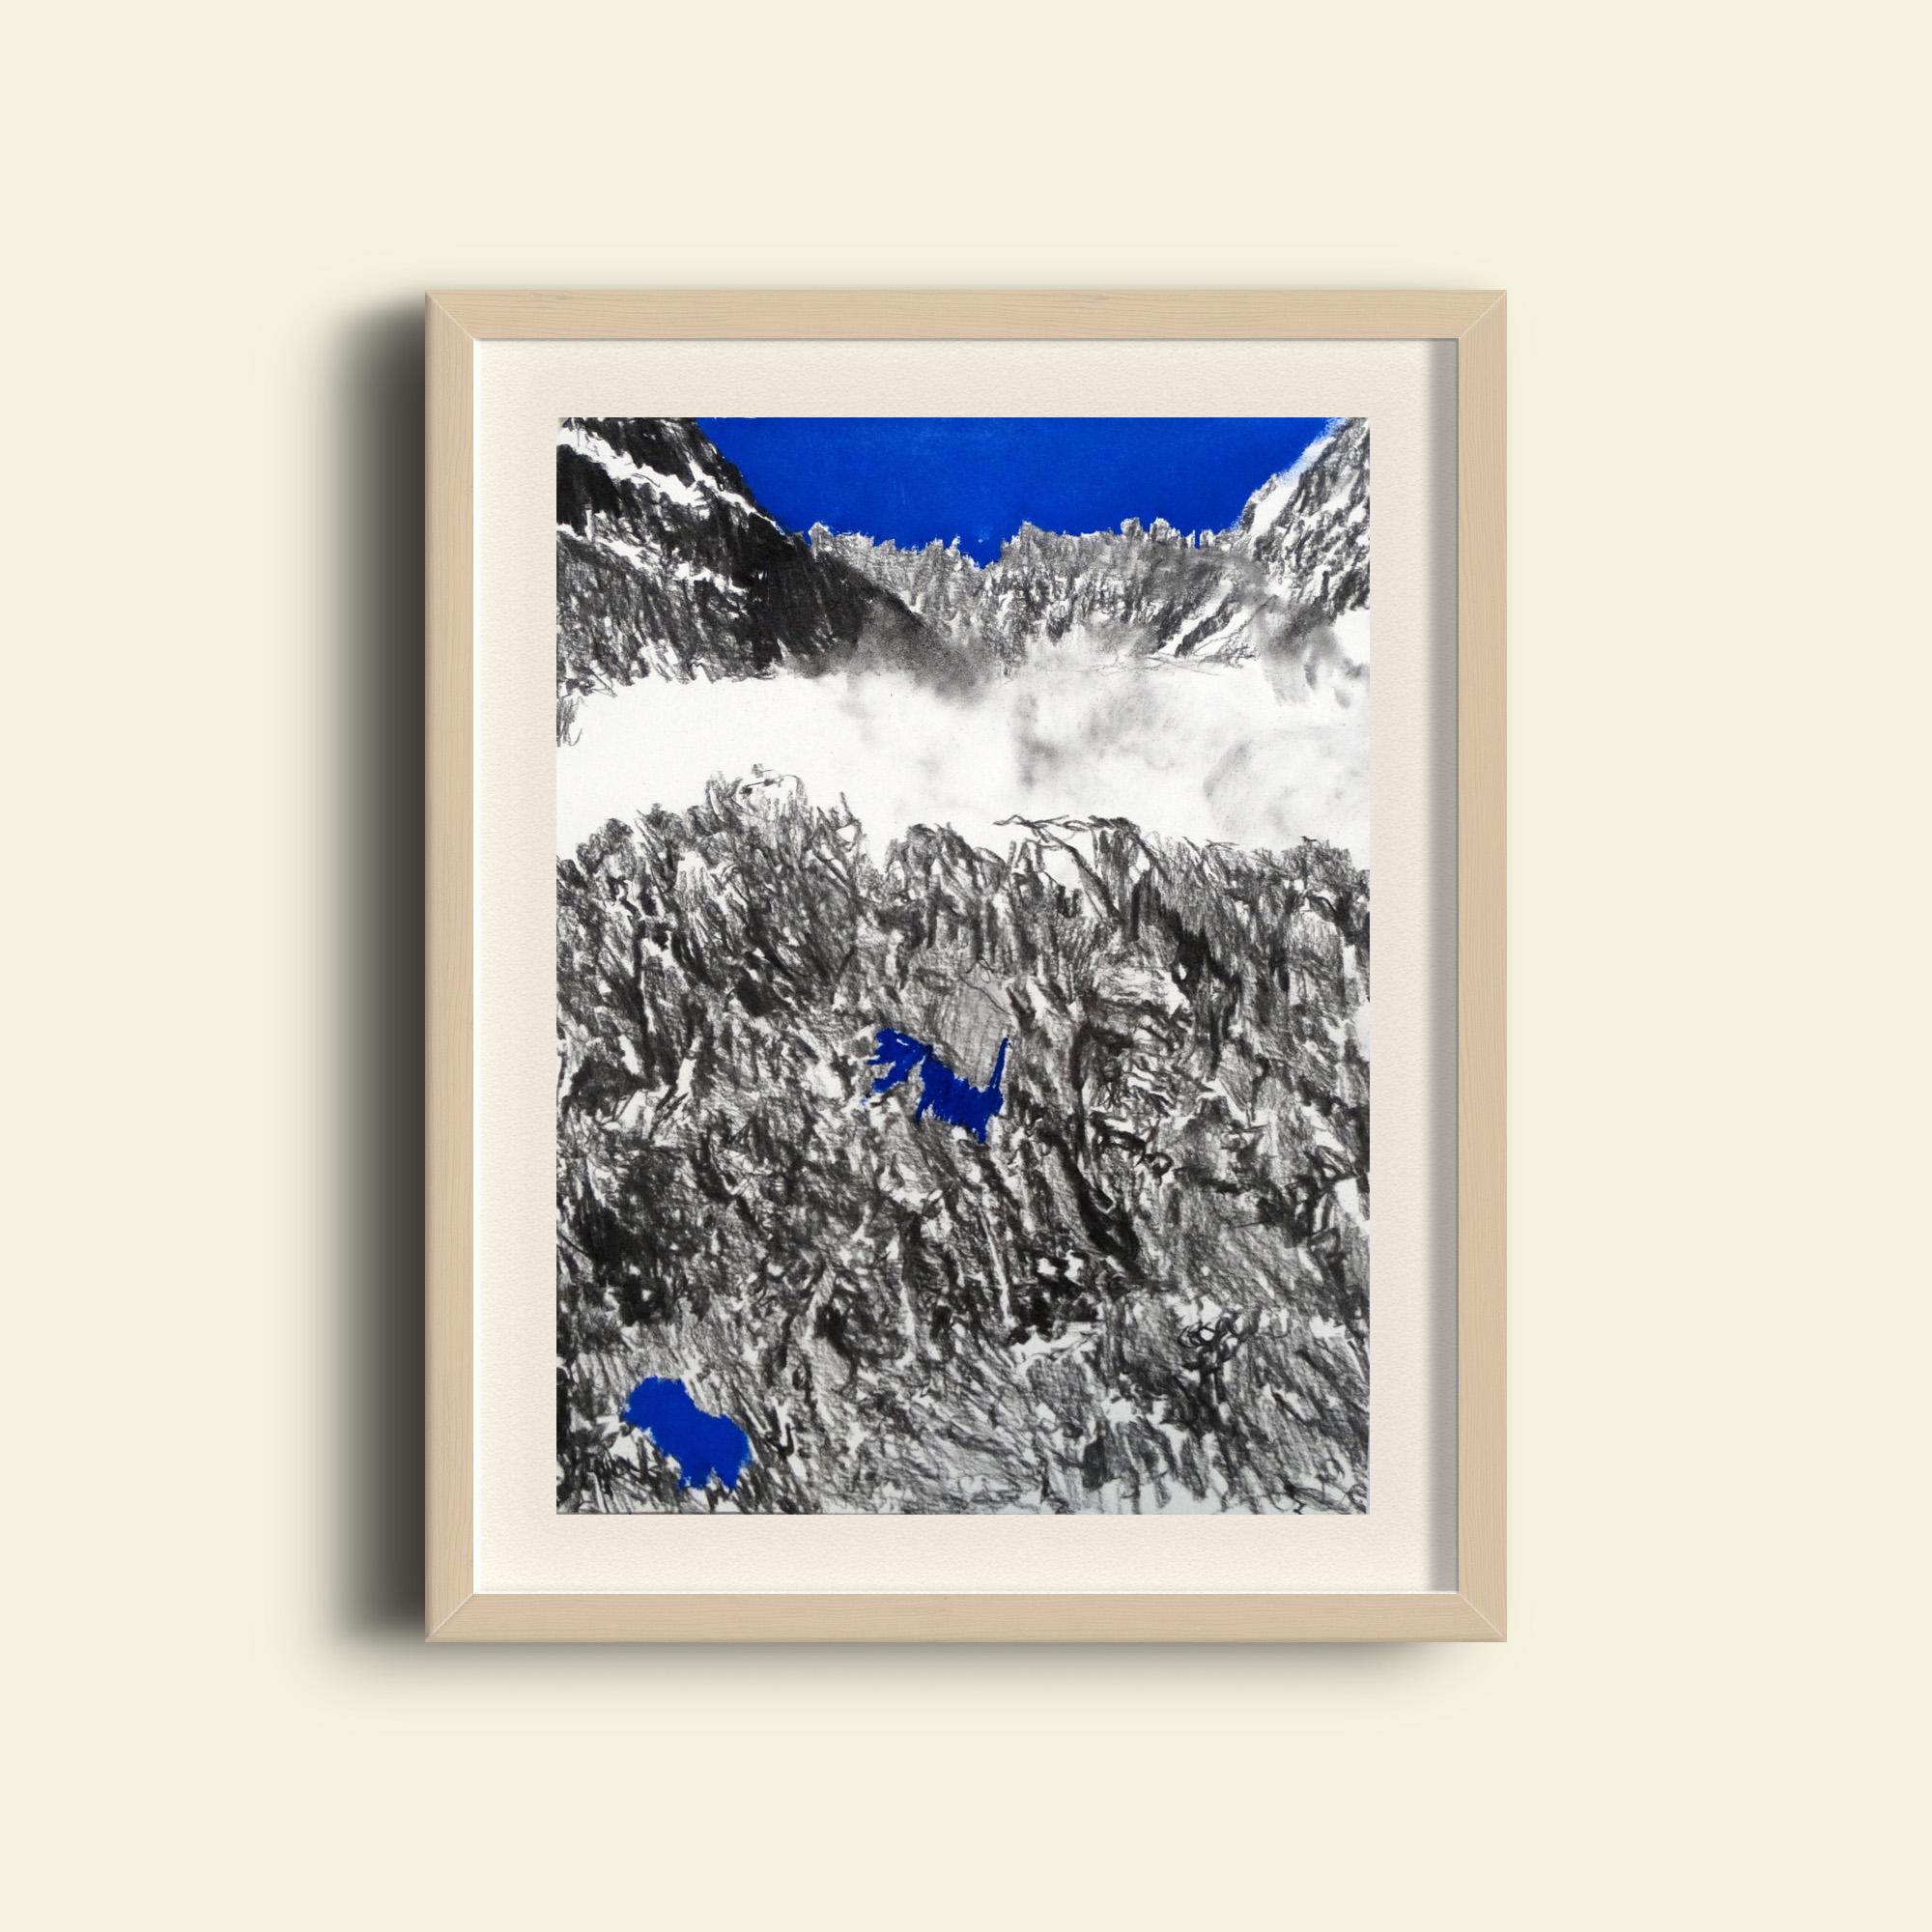 frames04.jpg